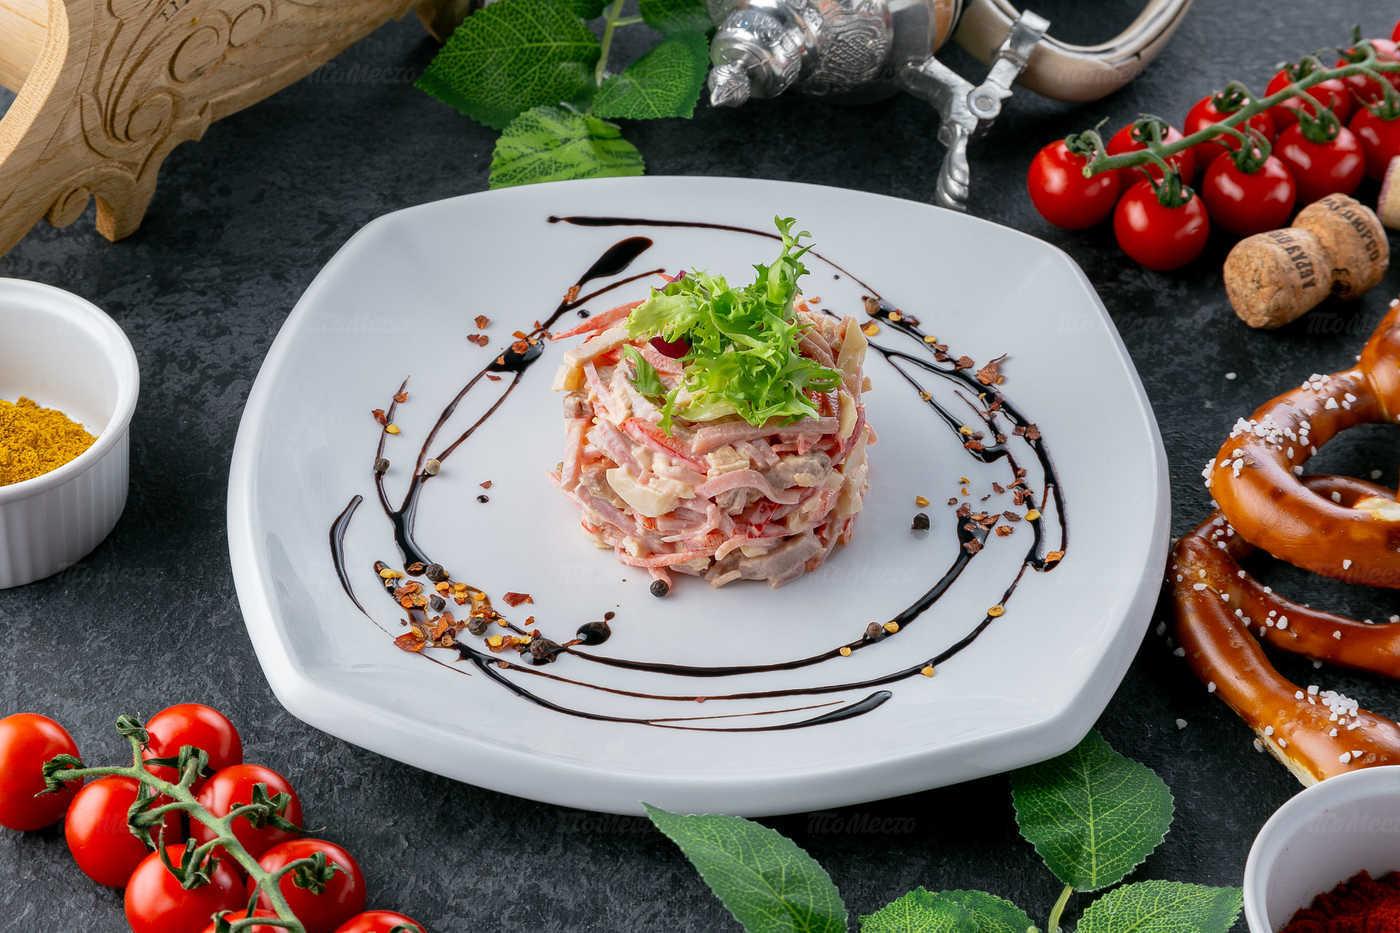 Меню ресторана Швабский Домик на Новочеркасском проспекте фото 103